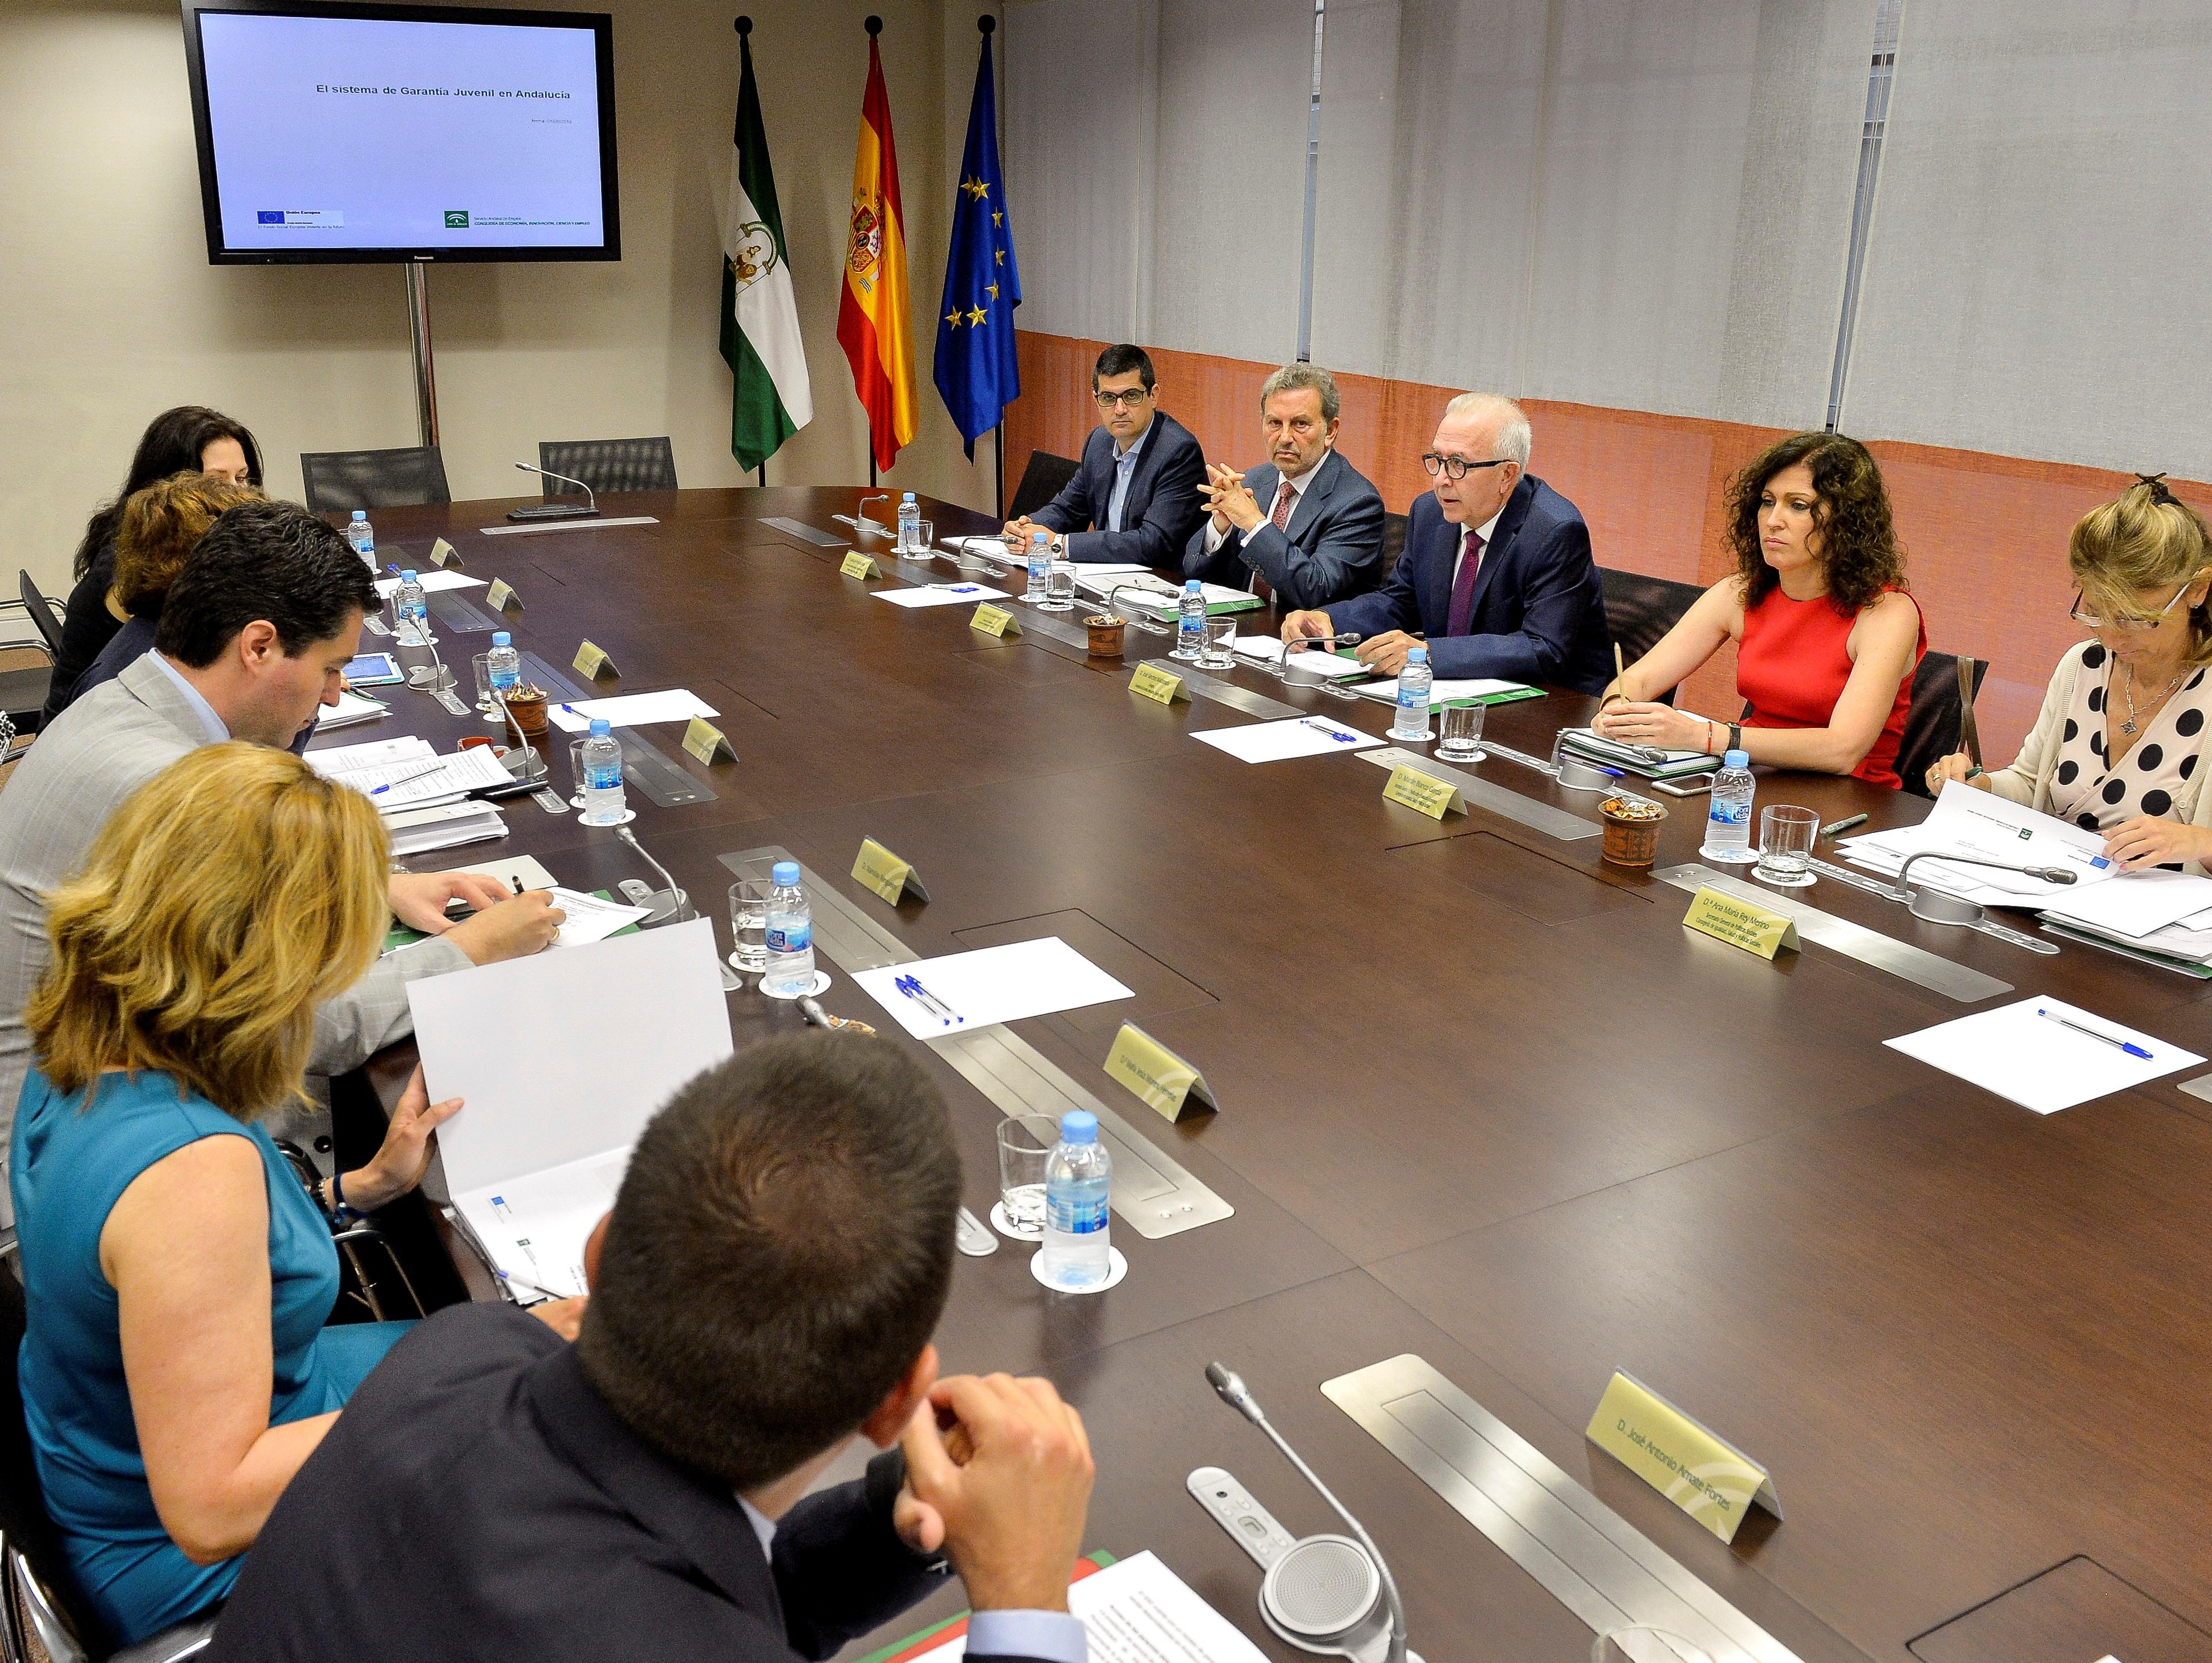 El consejero de Economía, en el encuentro con la Comisión Europea